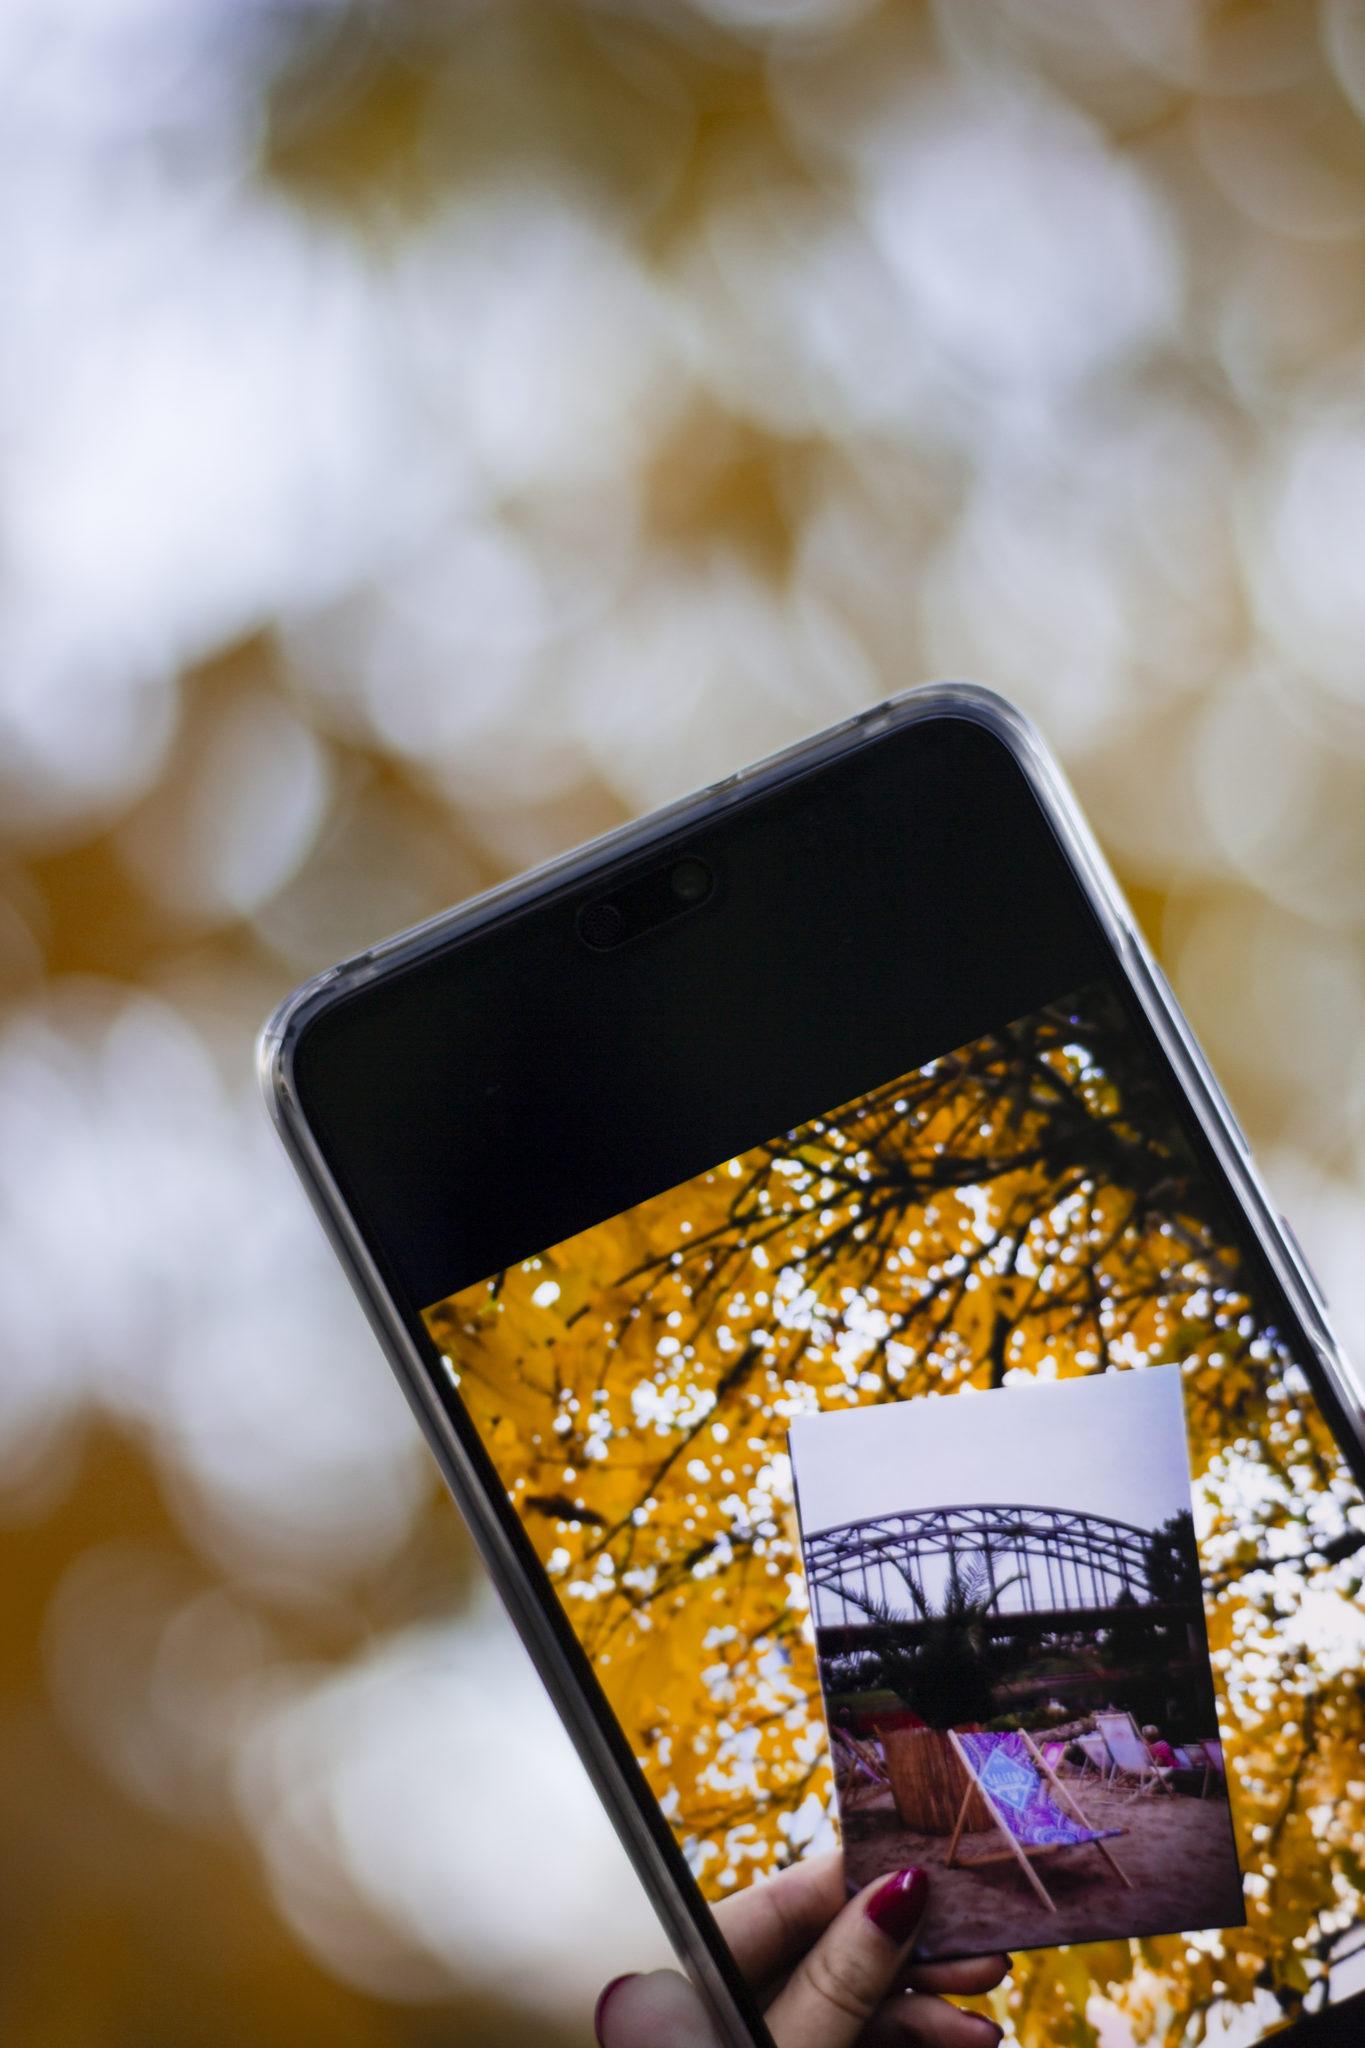 Bilder richtig ausdrucken im Fotofachgeschäft mit Smartphone